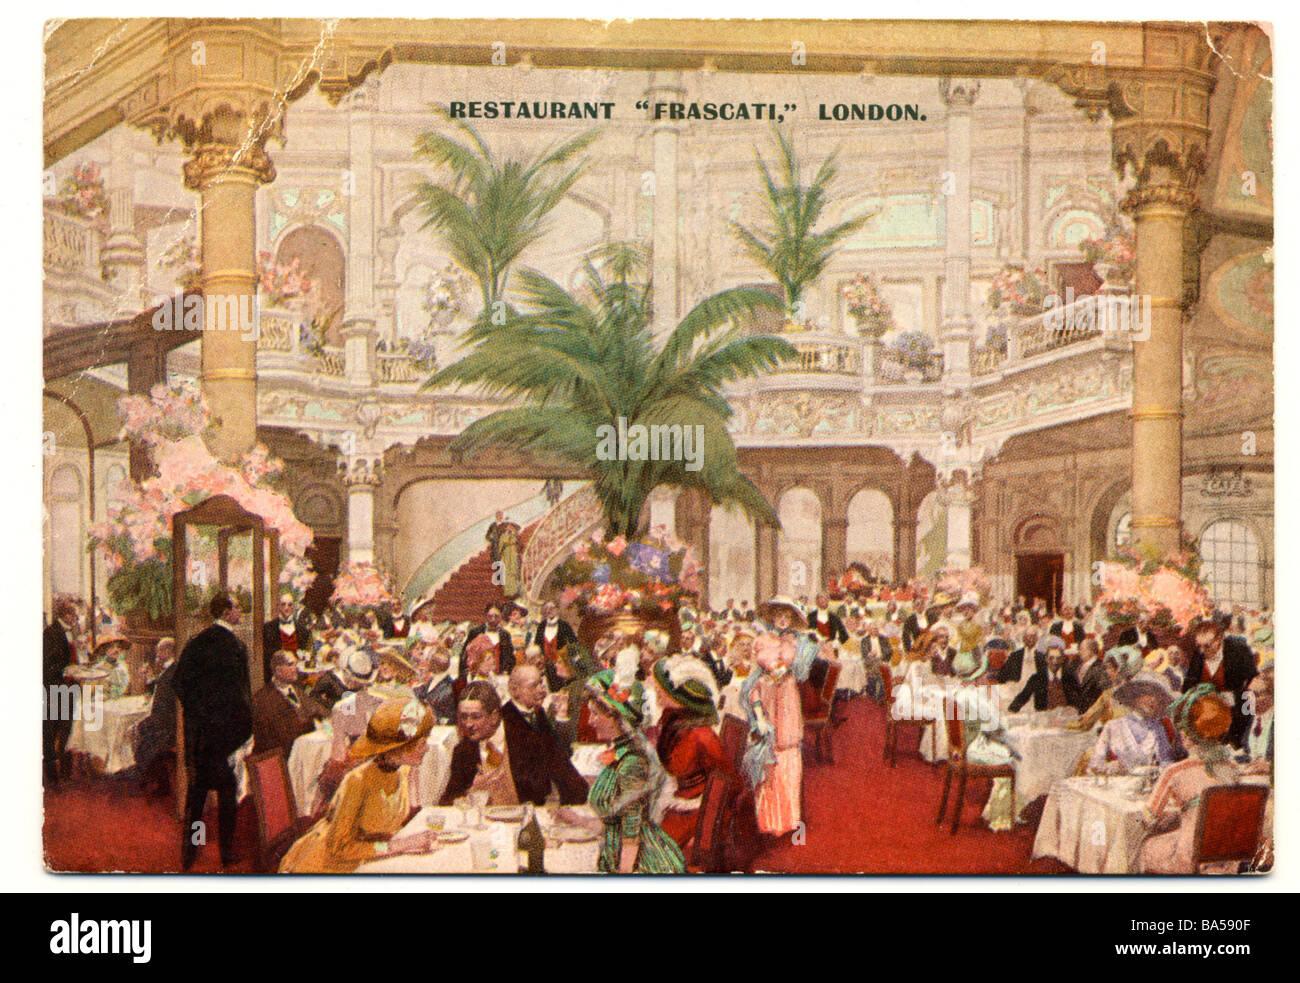 Antiguos pintados a mano postal victoriana del restaurante Frascati en Londres en 1895 Imagen De Stock